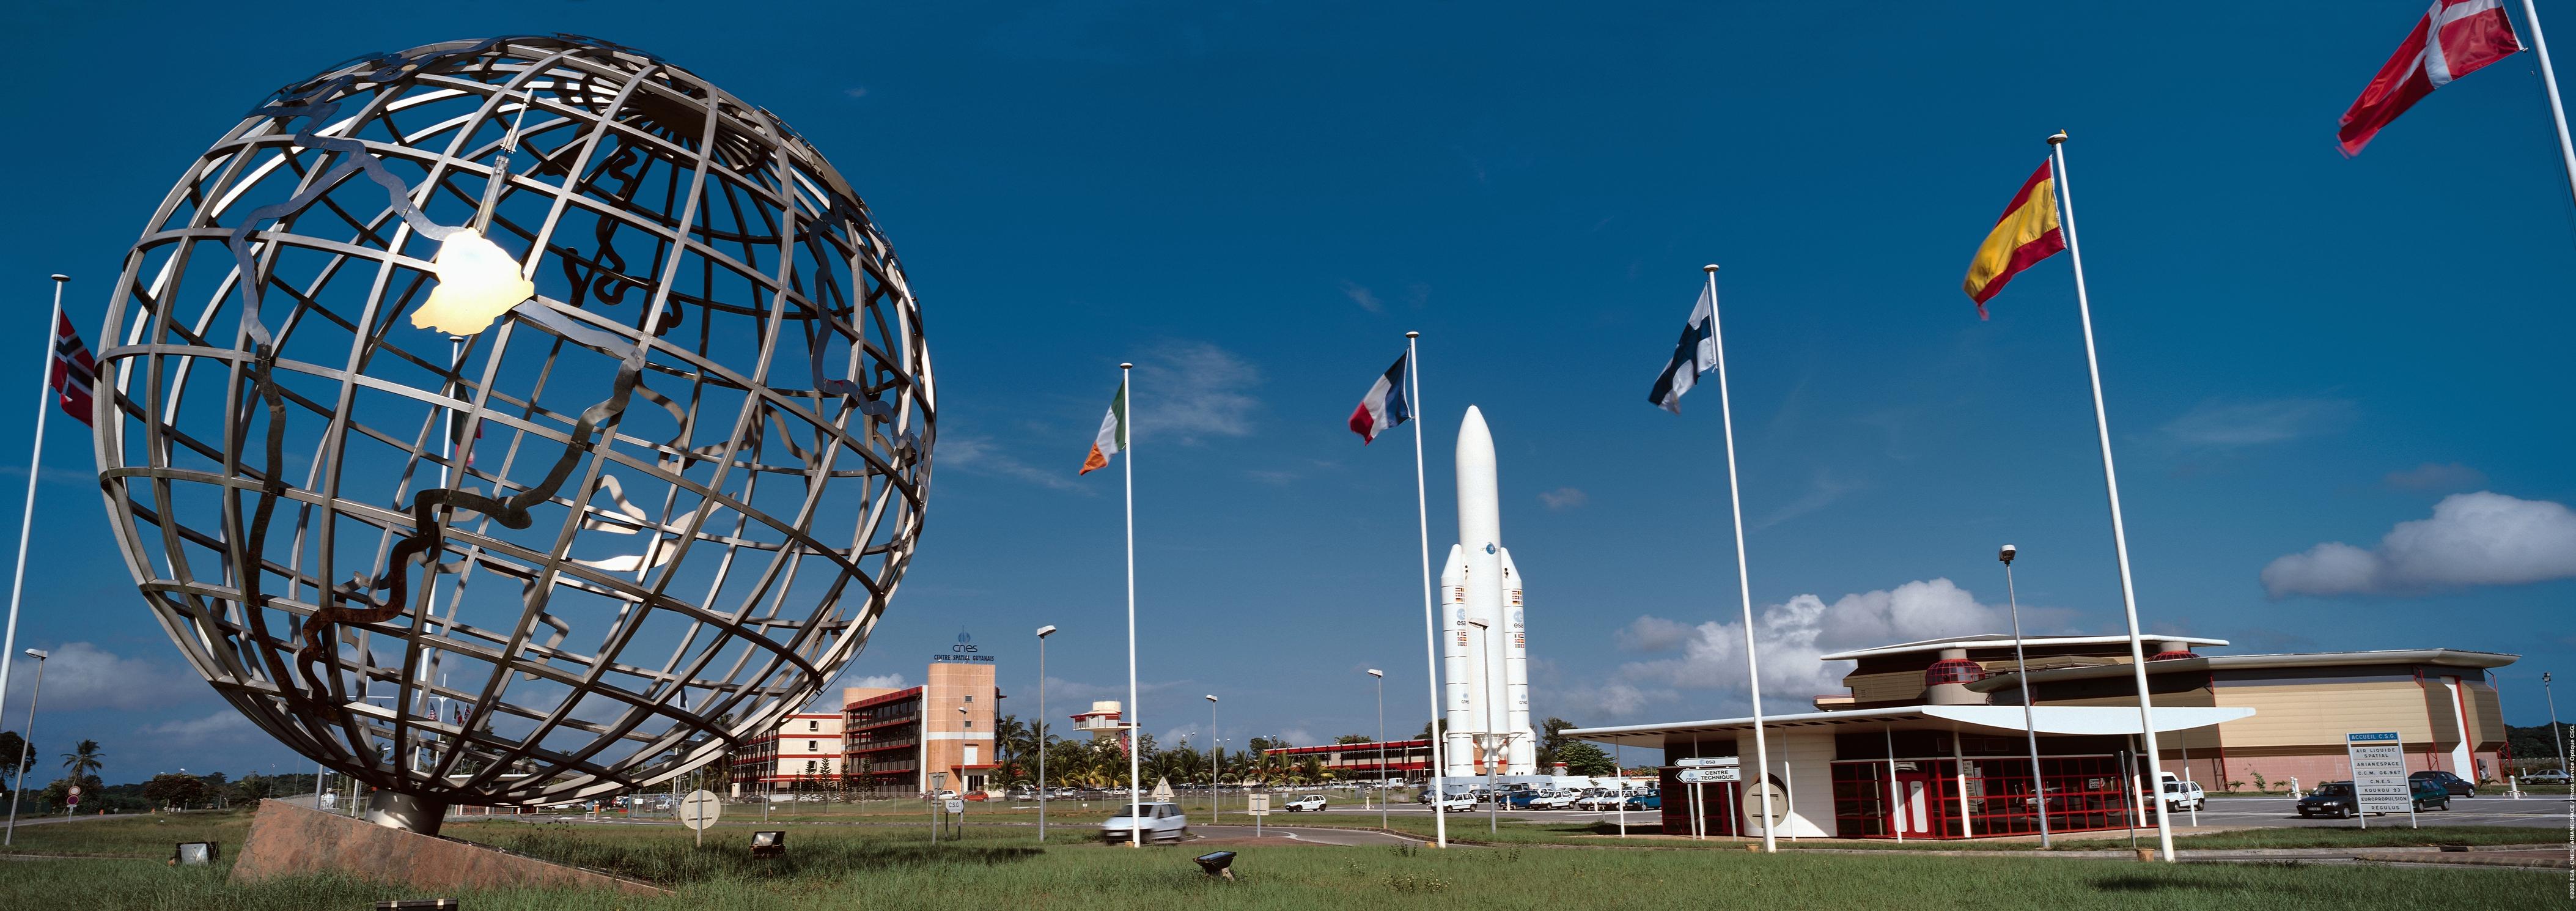 L'entrée du Centre spatial guyanais a été bloqué avec des pneus et des palettes ©DR